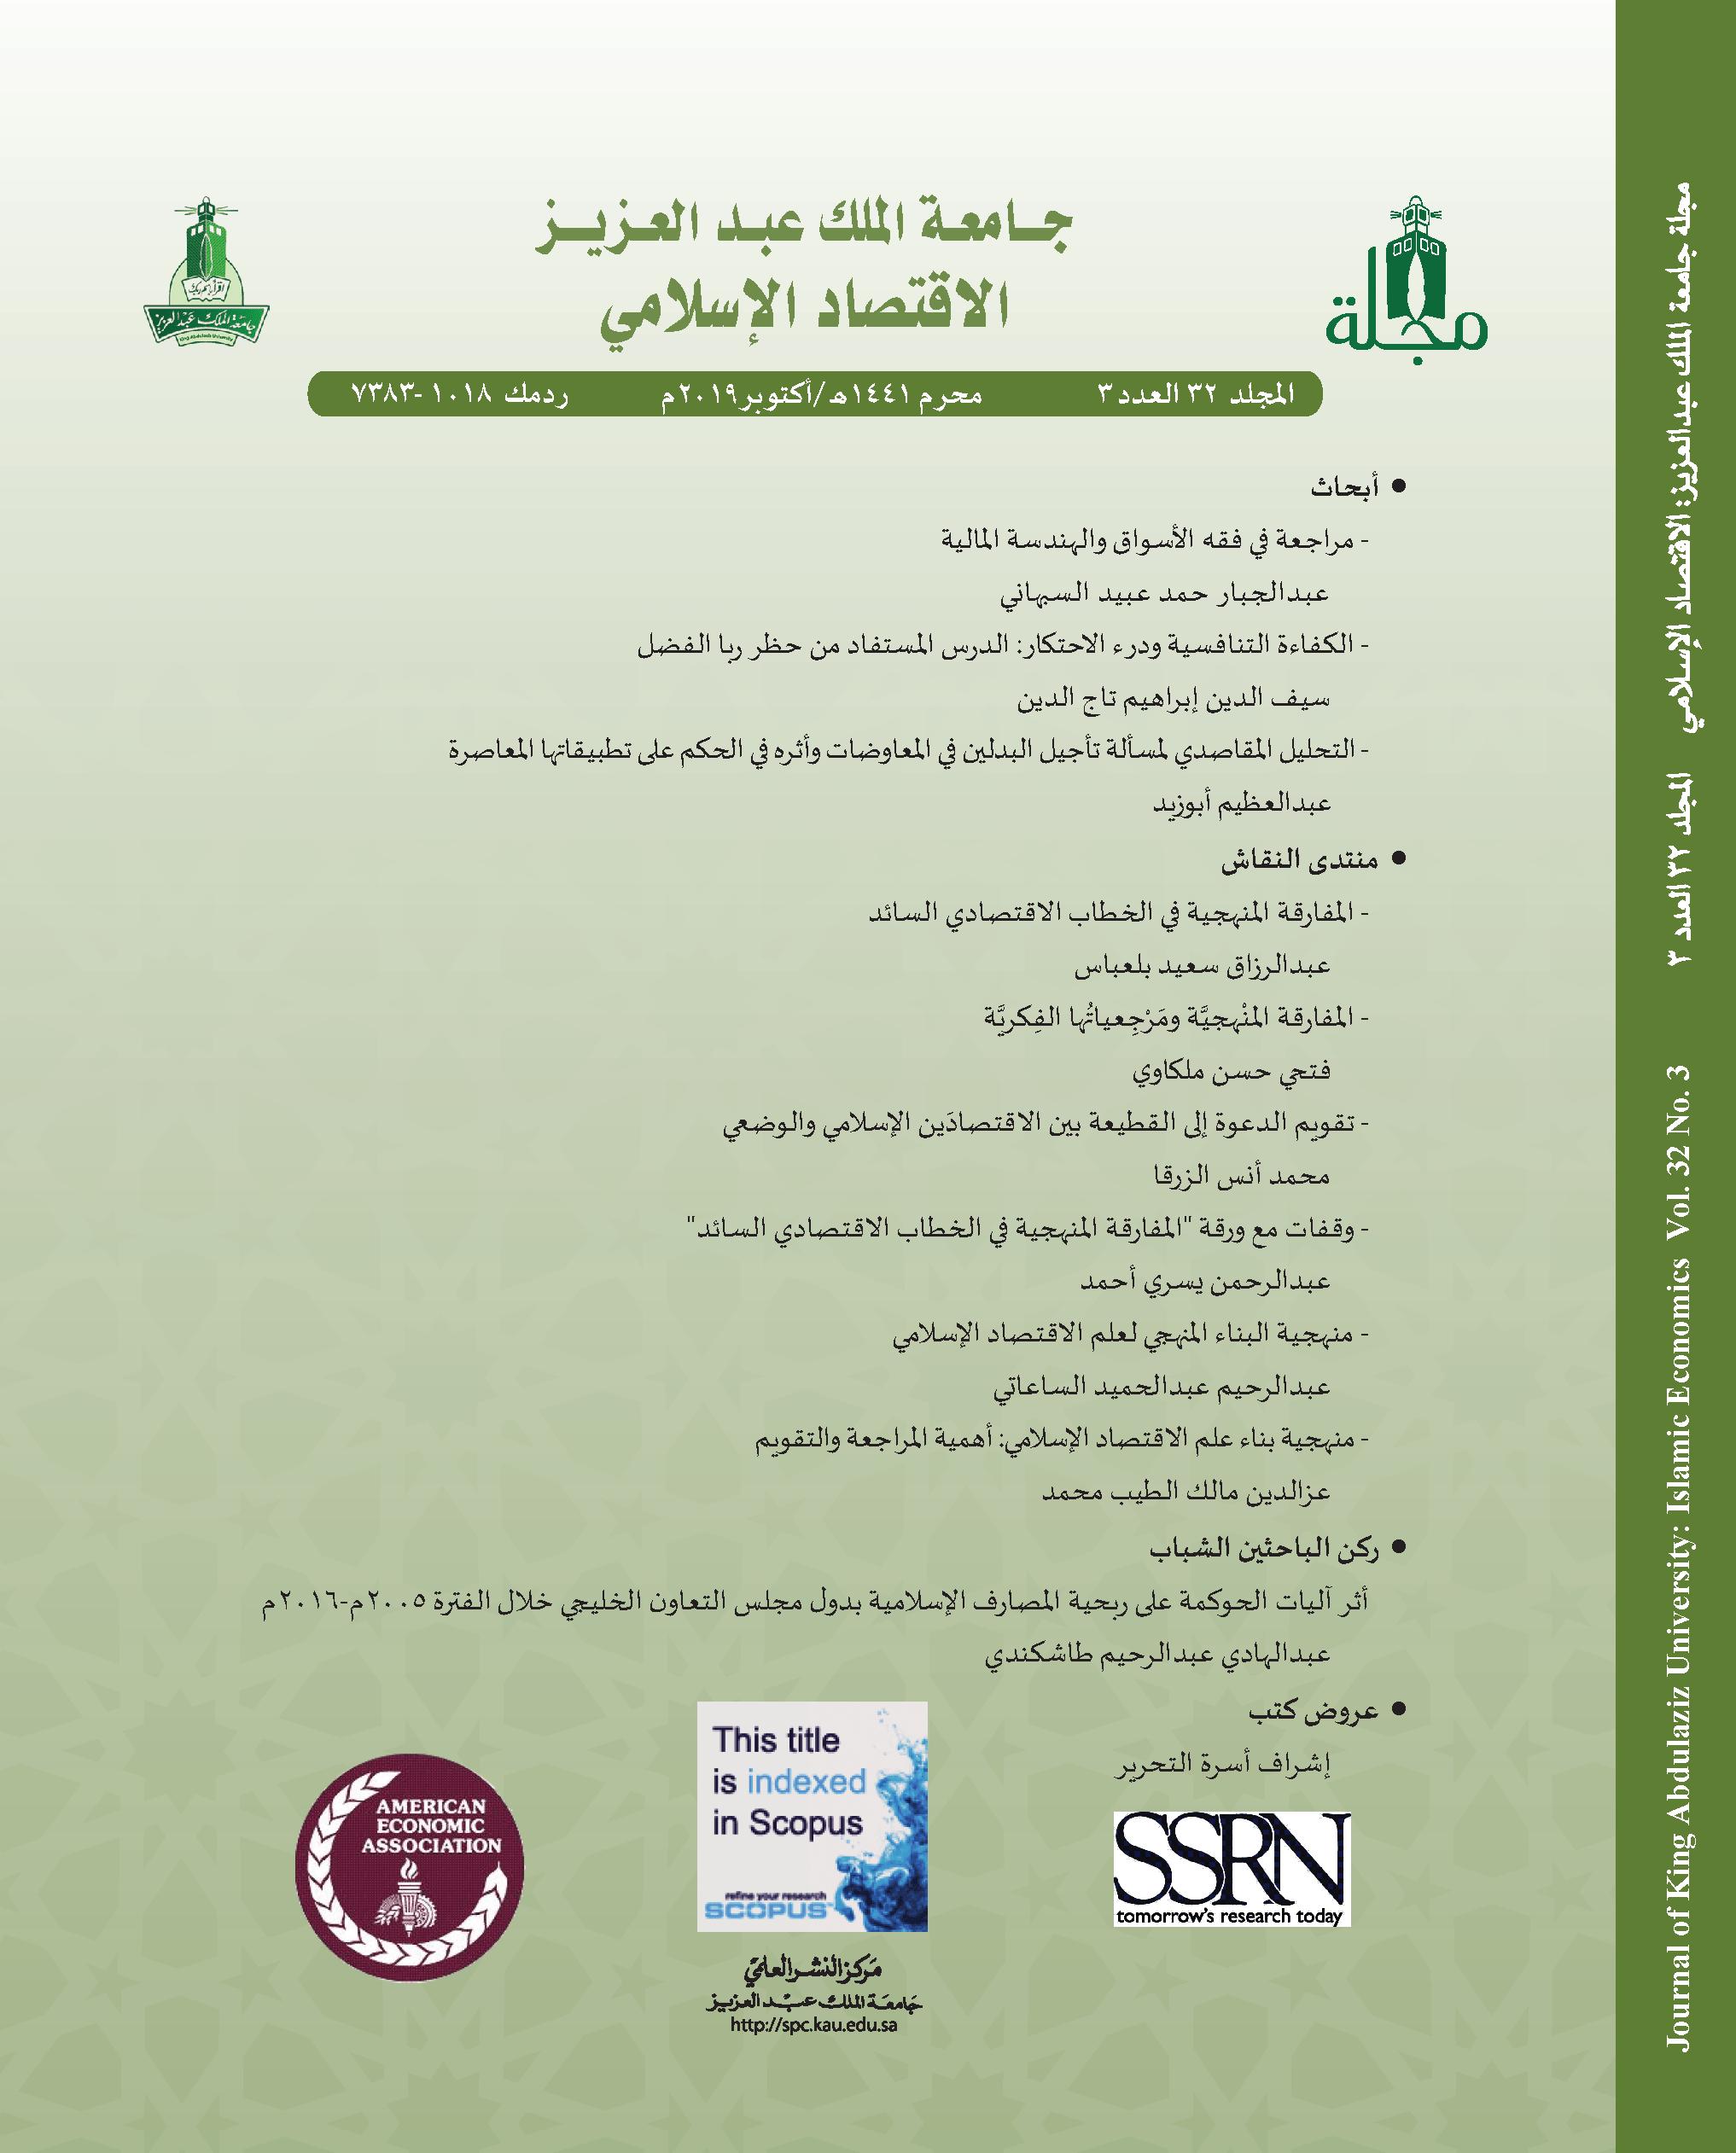 مجلة جامعة الملك عبدالعزيز الاقتصاد الإسلامي